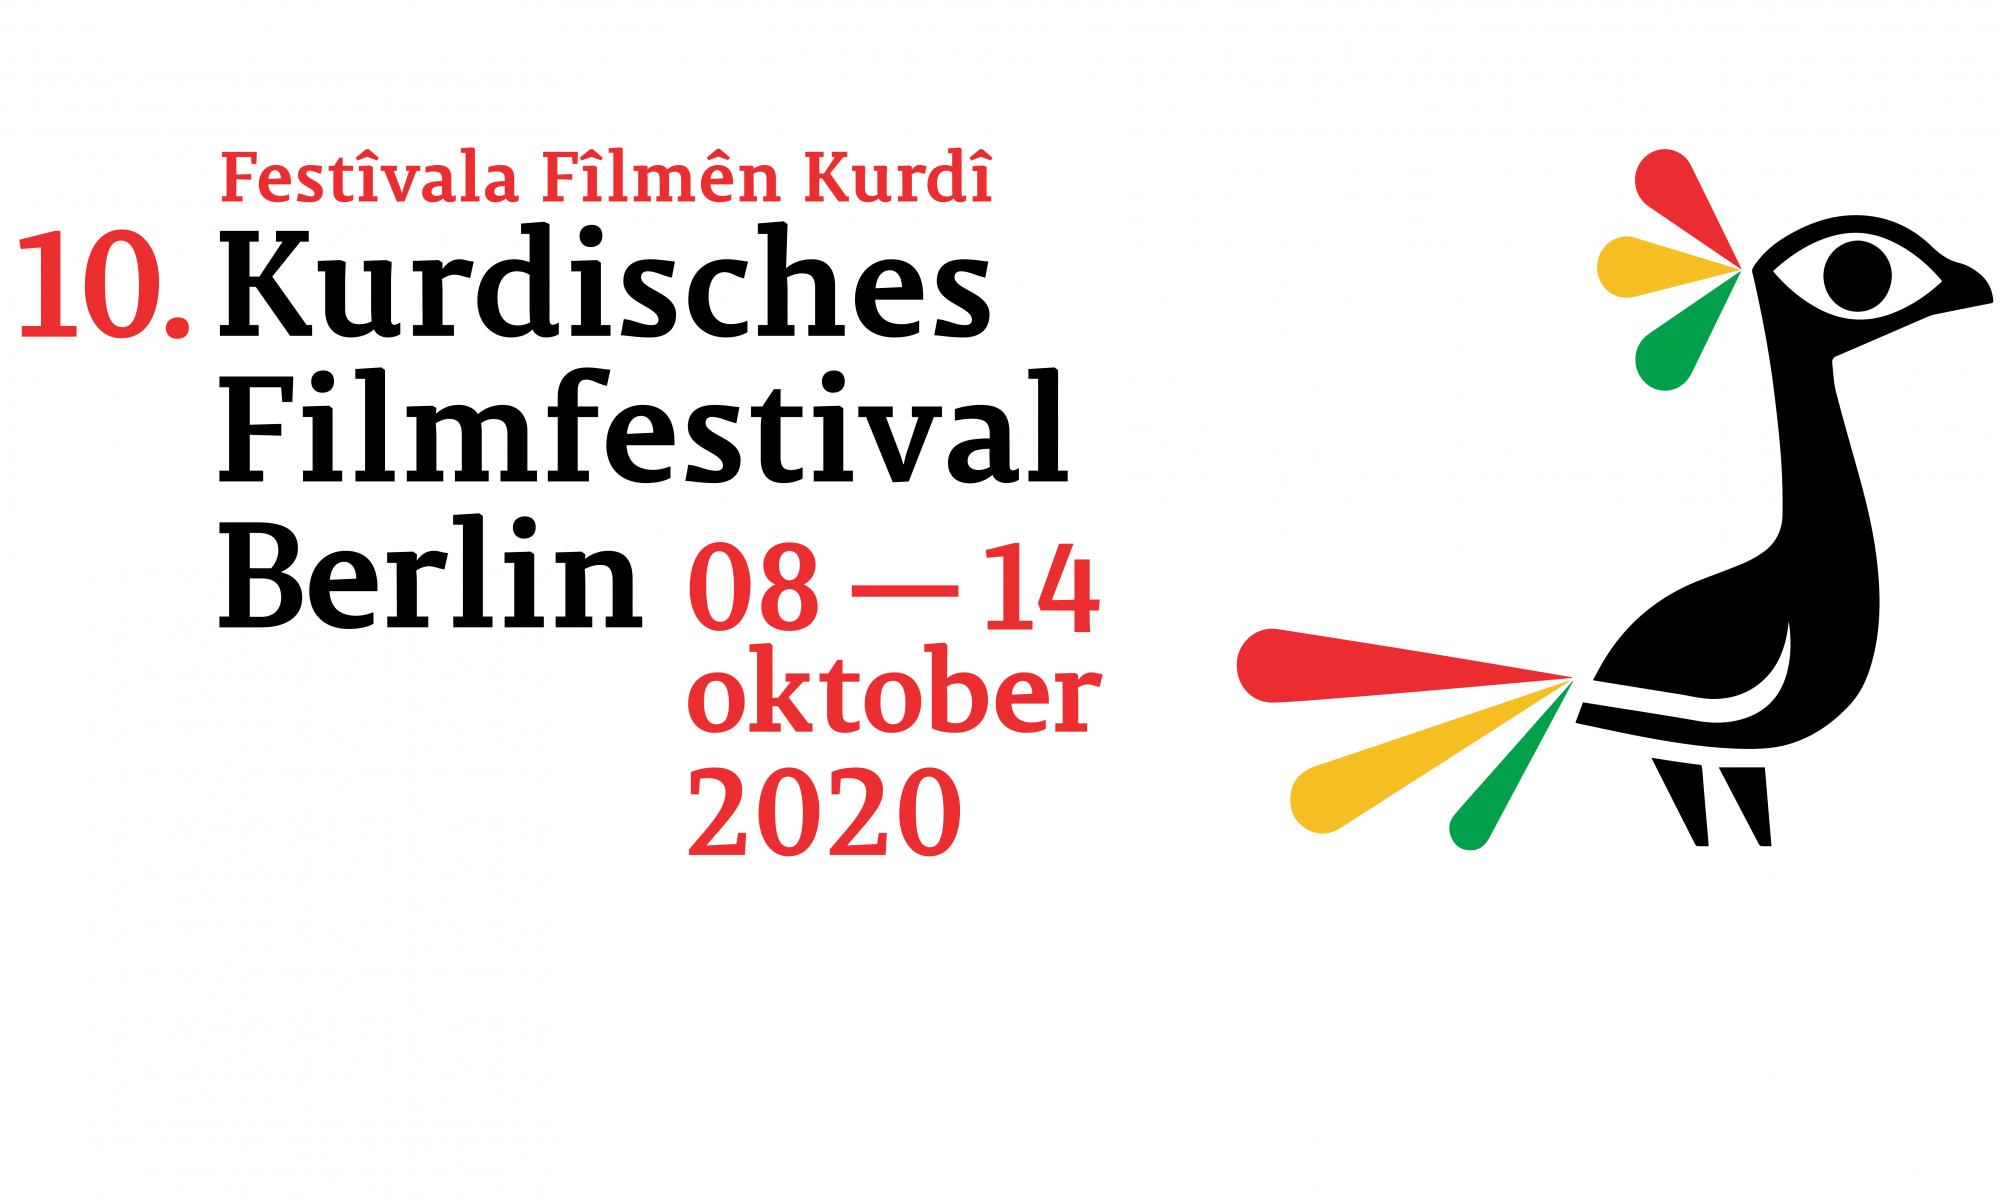 10. Kurdische filmfestival